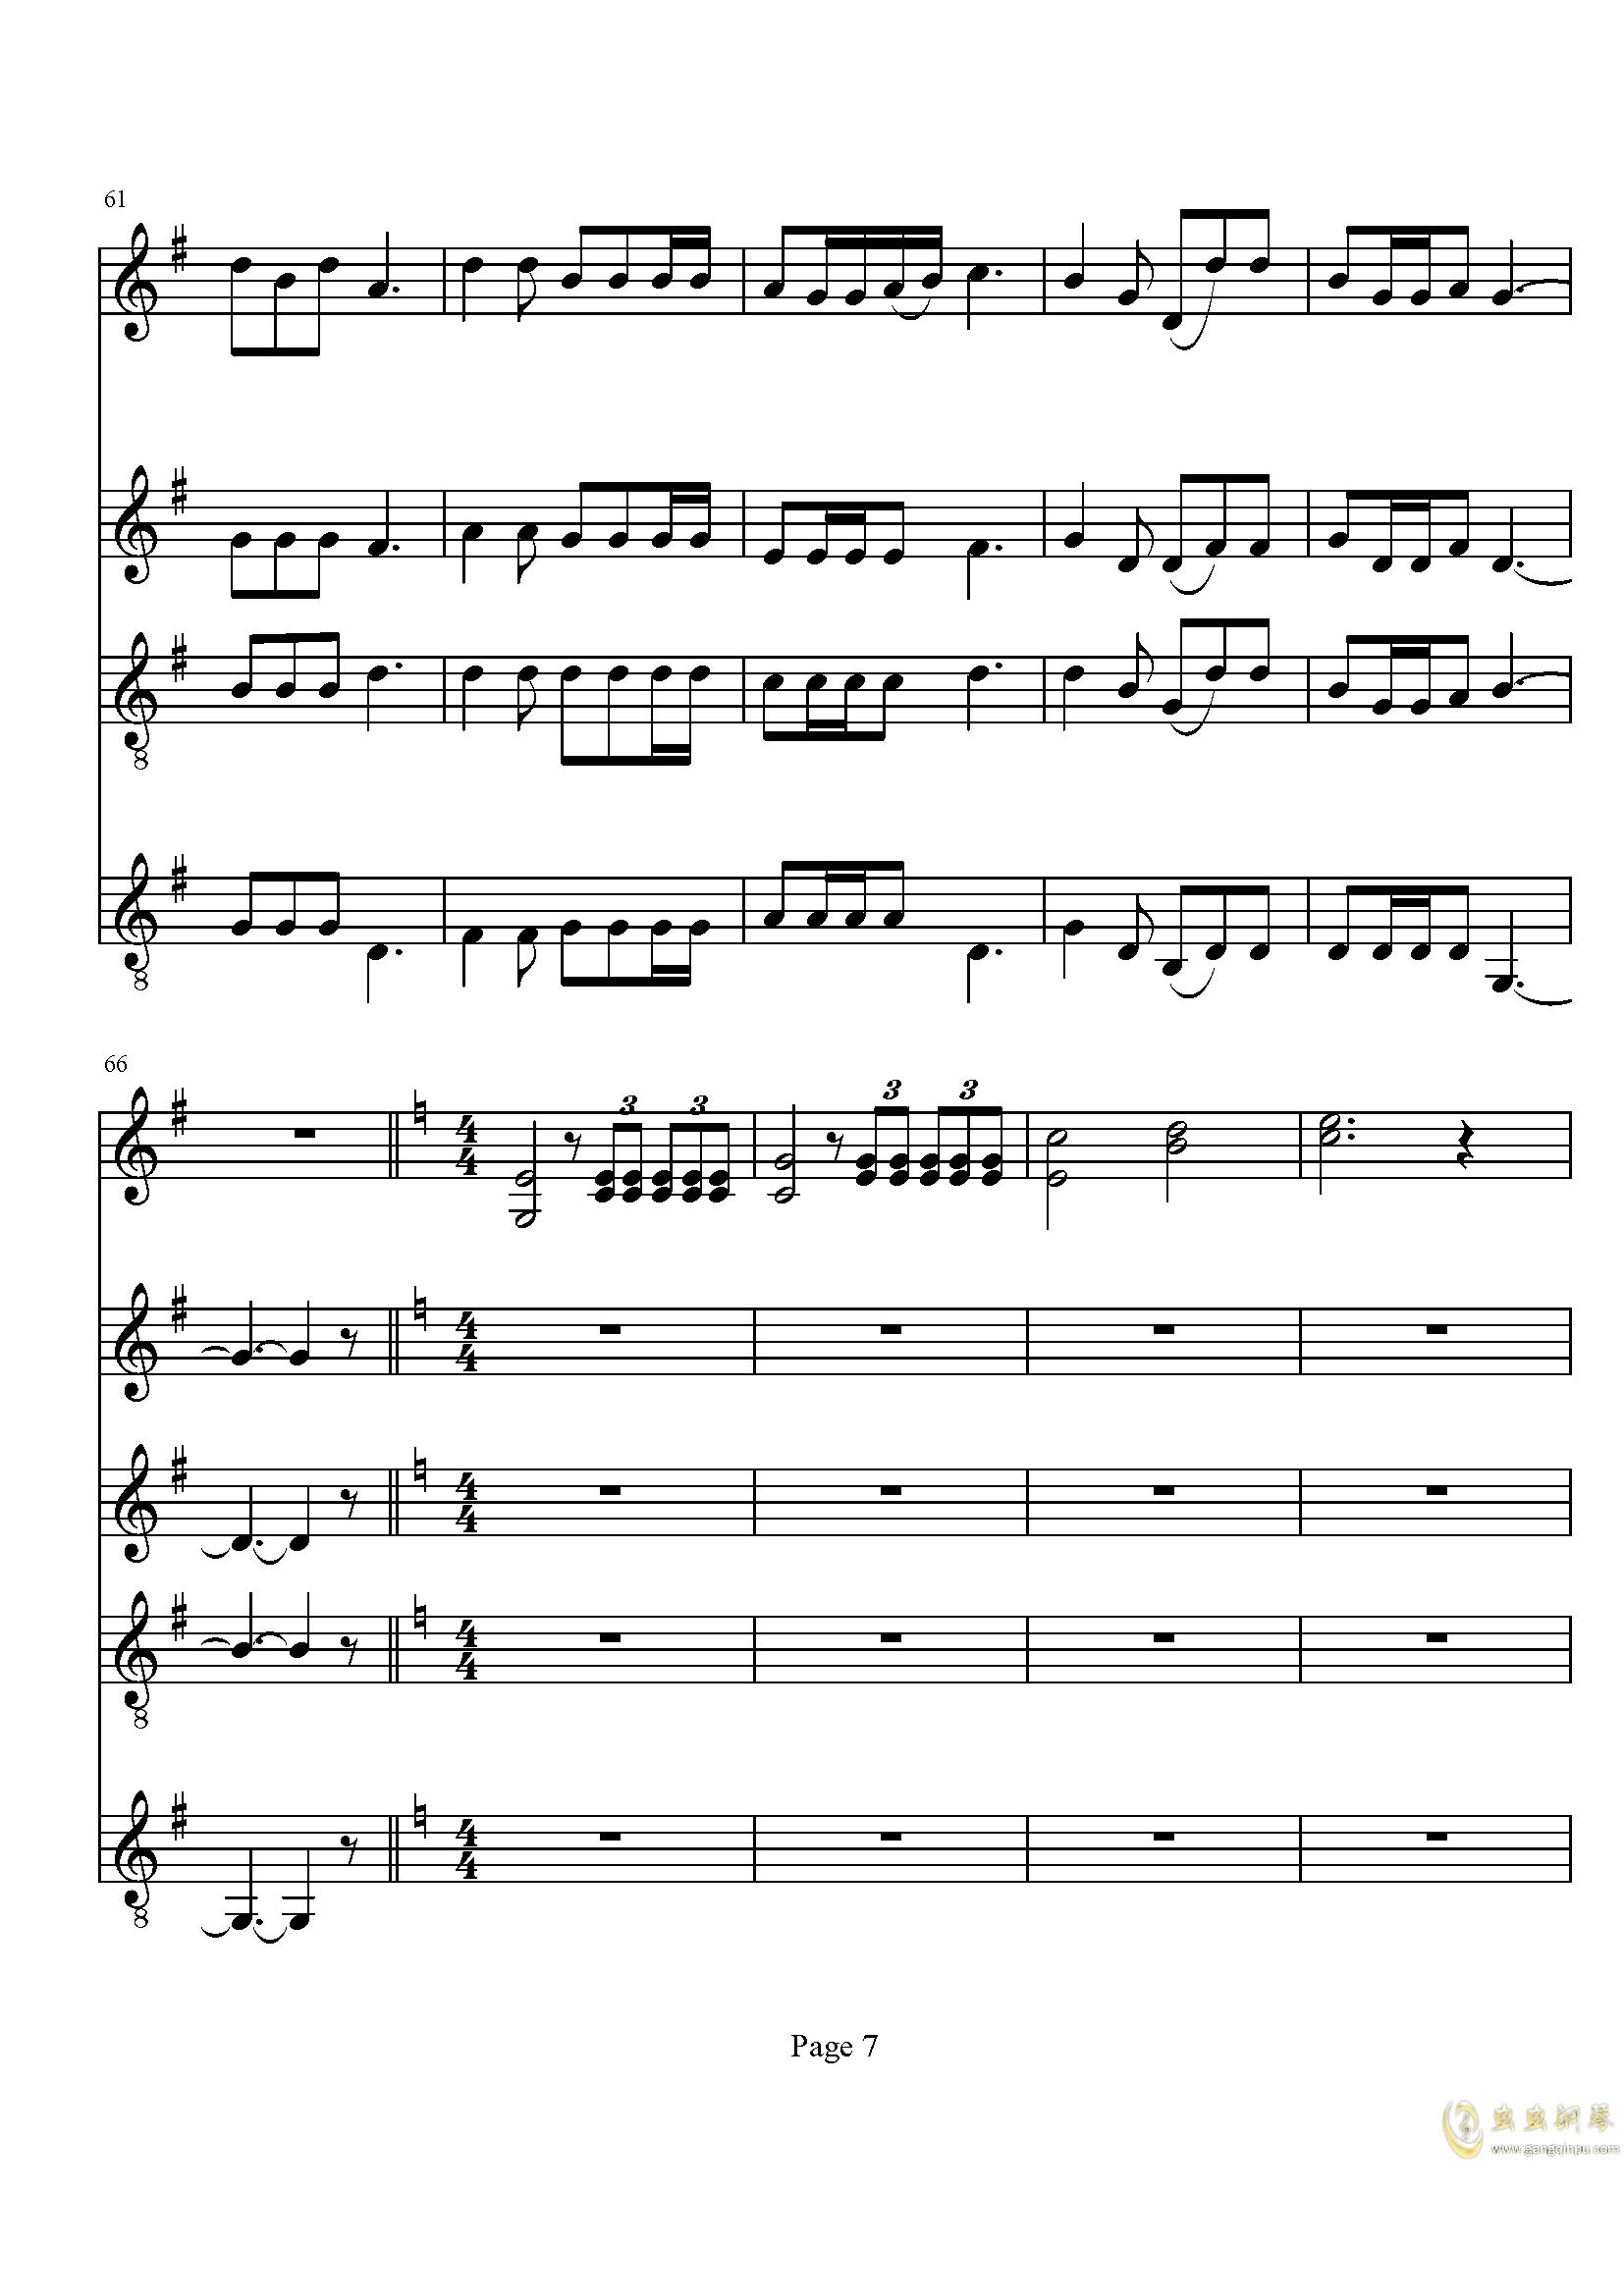 梦想在歌唱钢琴谱子-中国梦 合唱谱,管弦乐试听